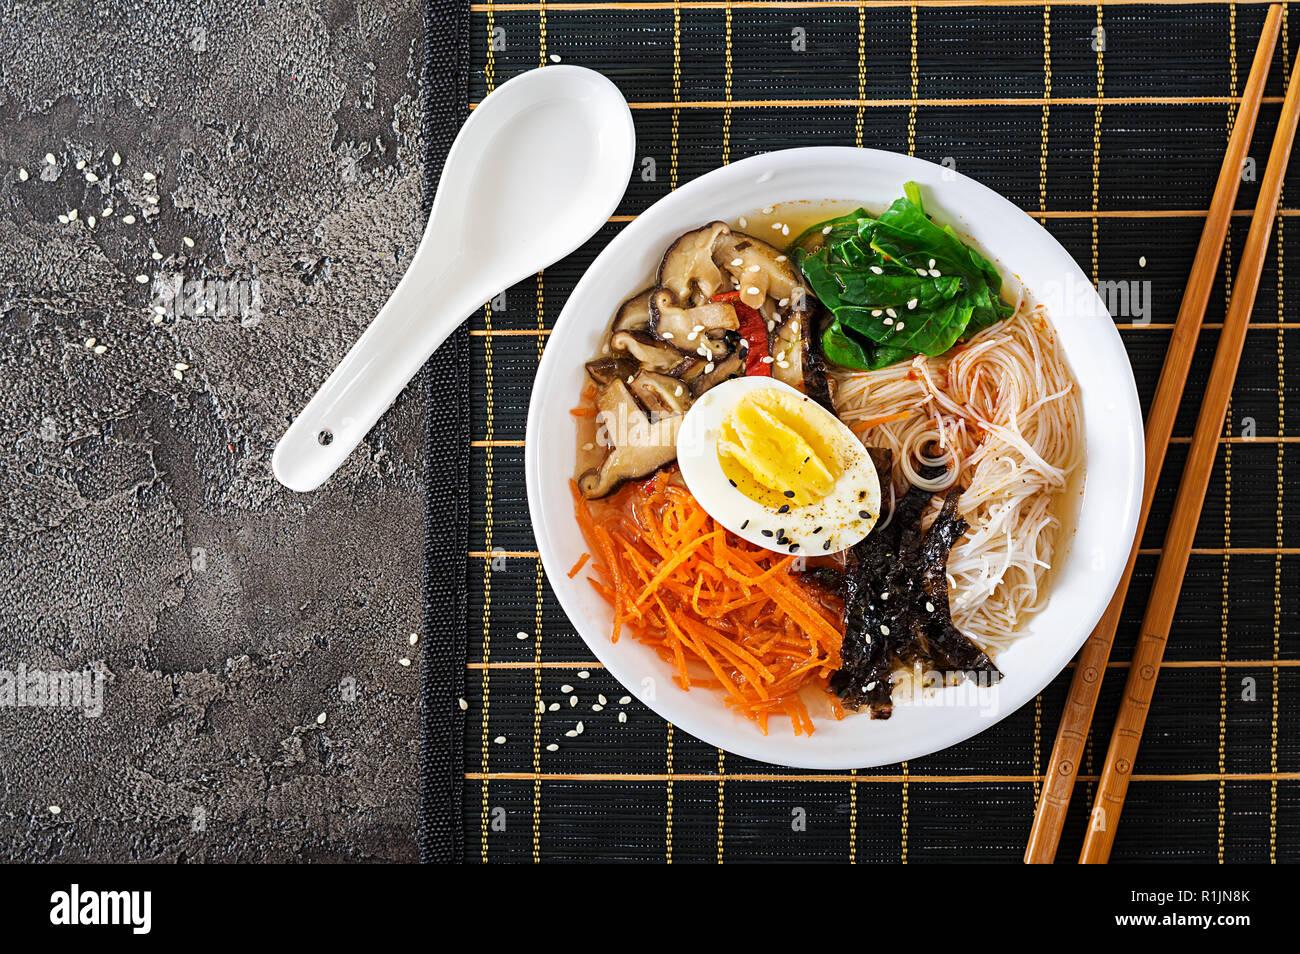 Végétarien régime bol de soupe de nouilles de champignons shiitake, carottes et œufs durs. La nourriture japonaise. Vue d'en haut. Mise à plat Photo Stock